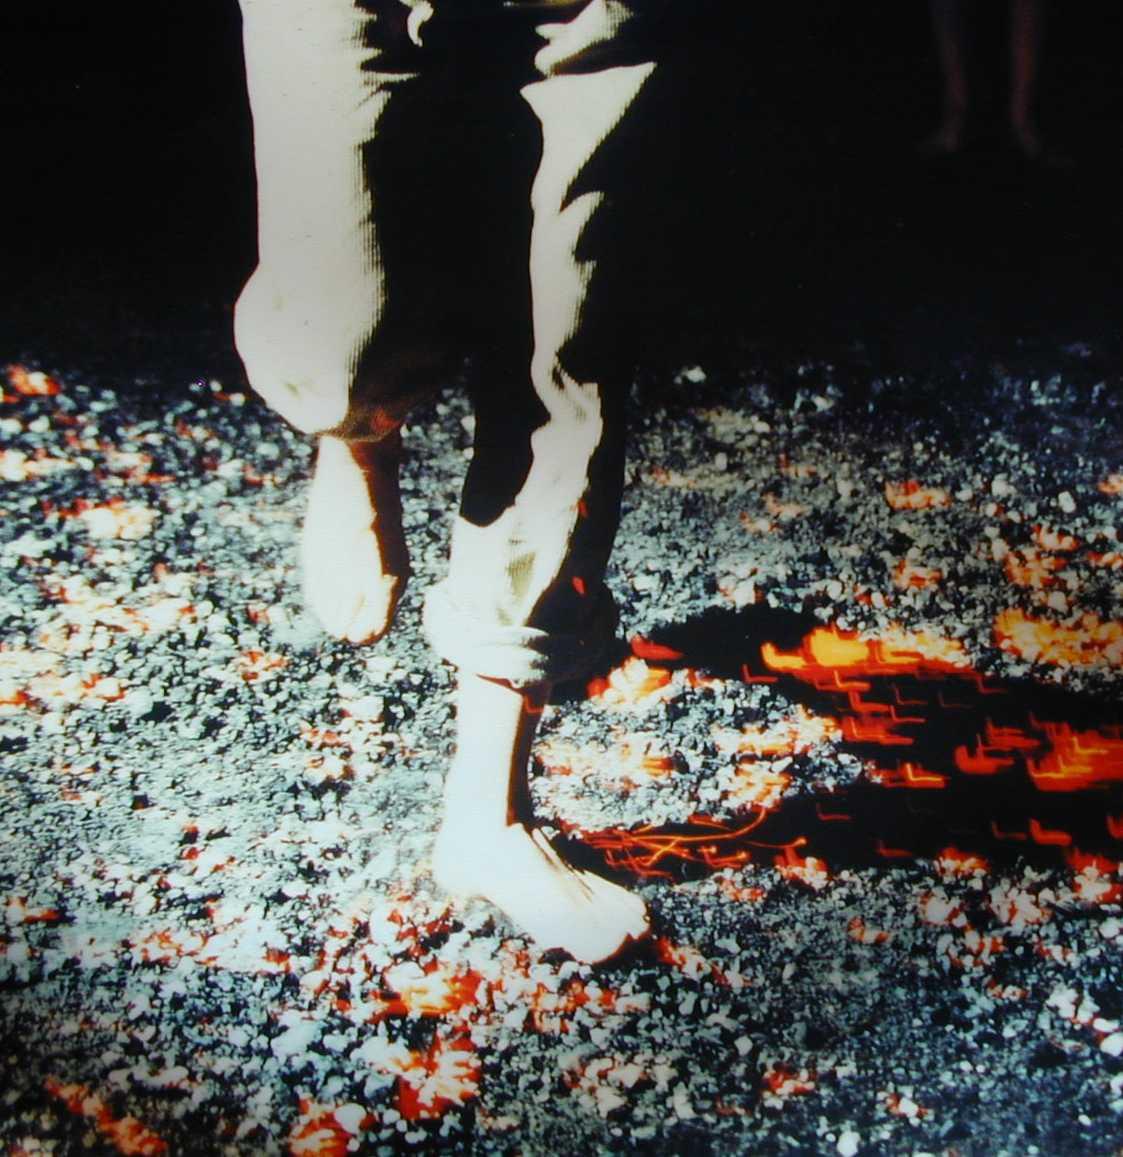 Foto zeigt die Füße eines Feuerläufers beim Lauf über die Glut.